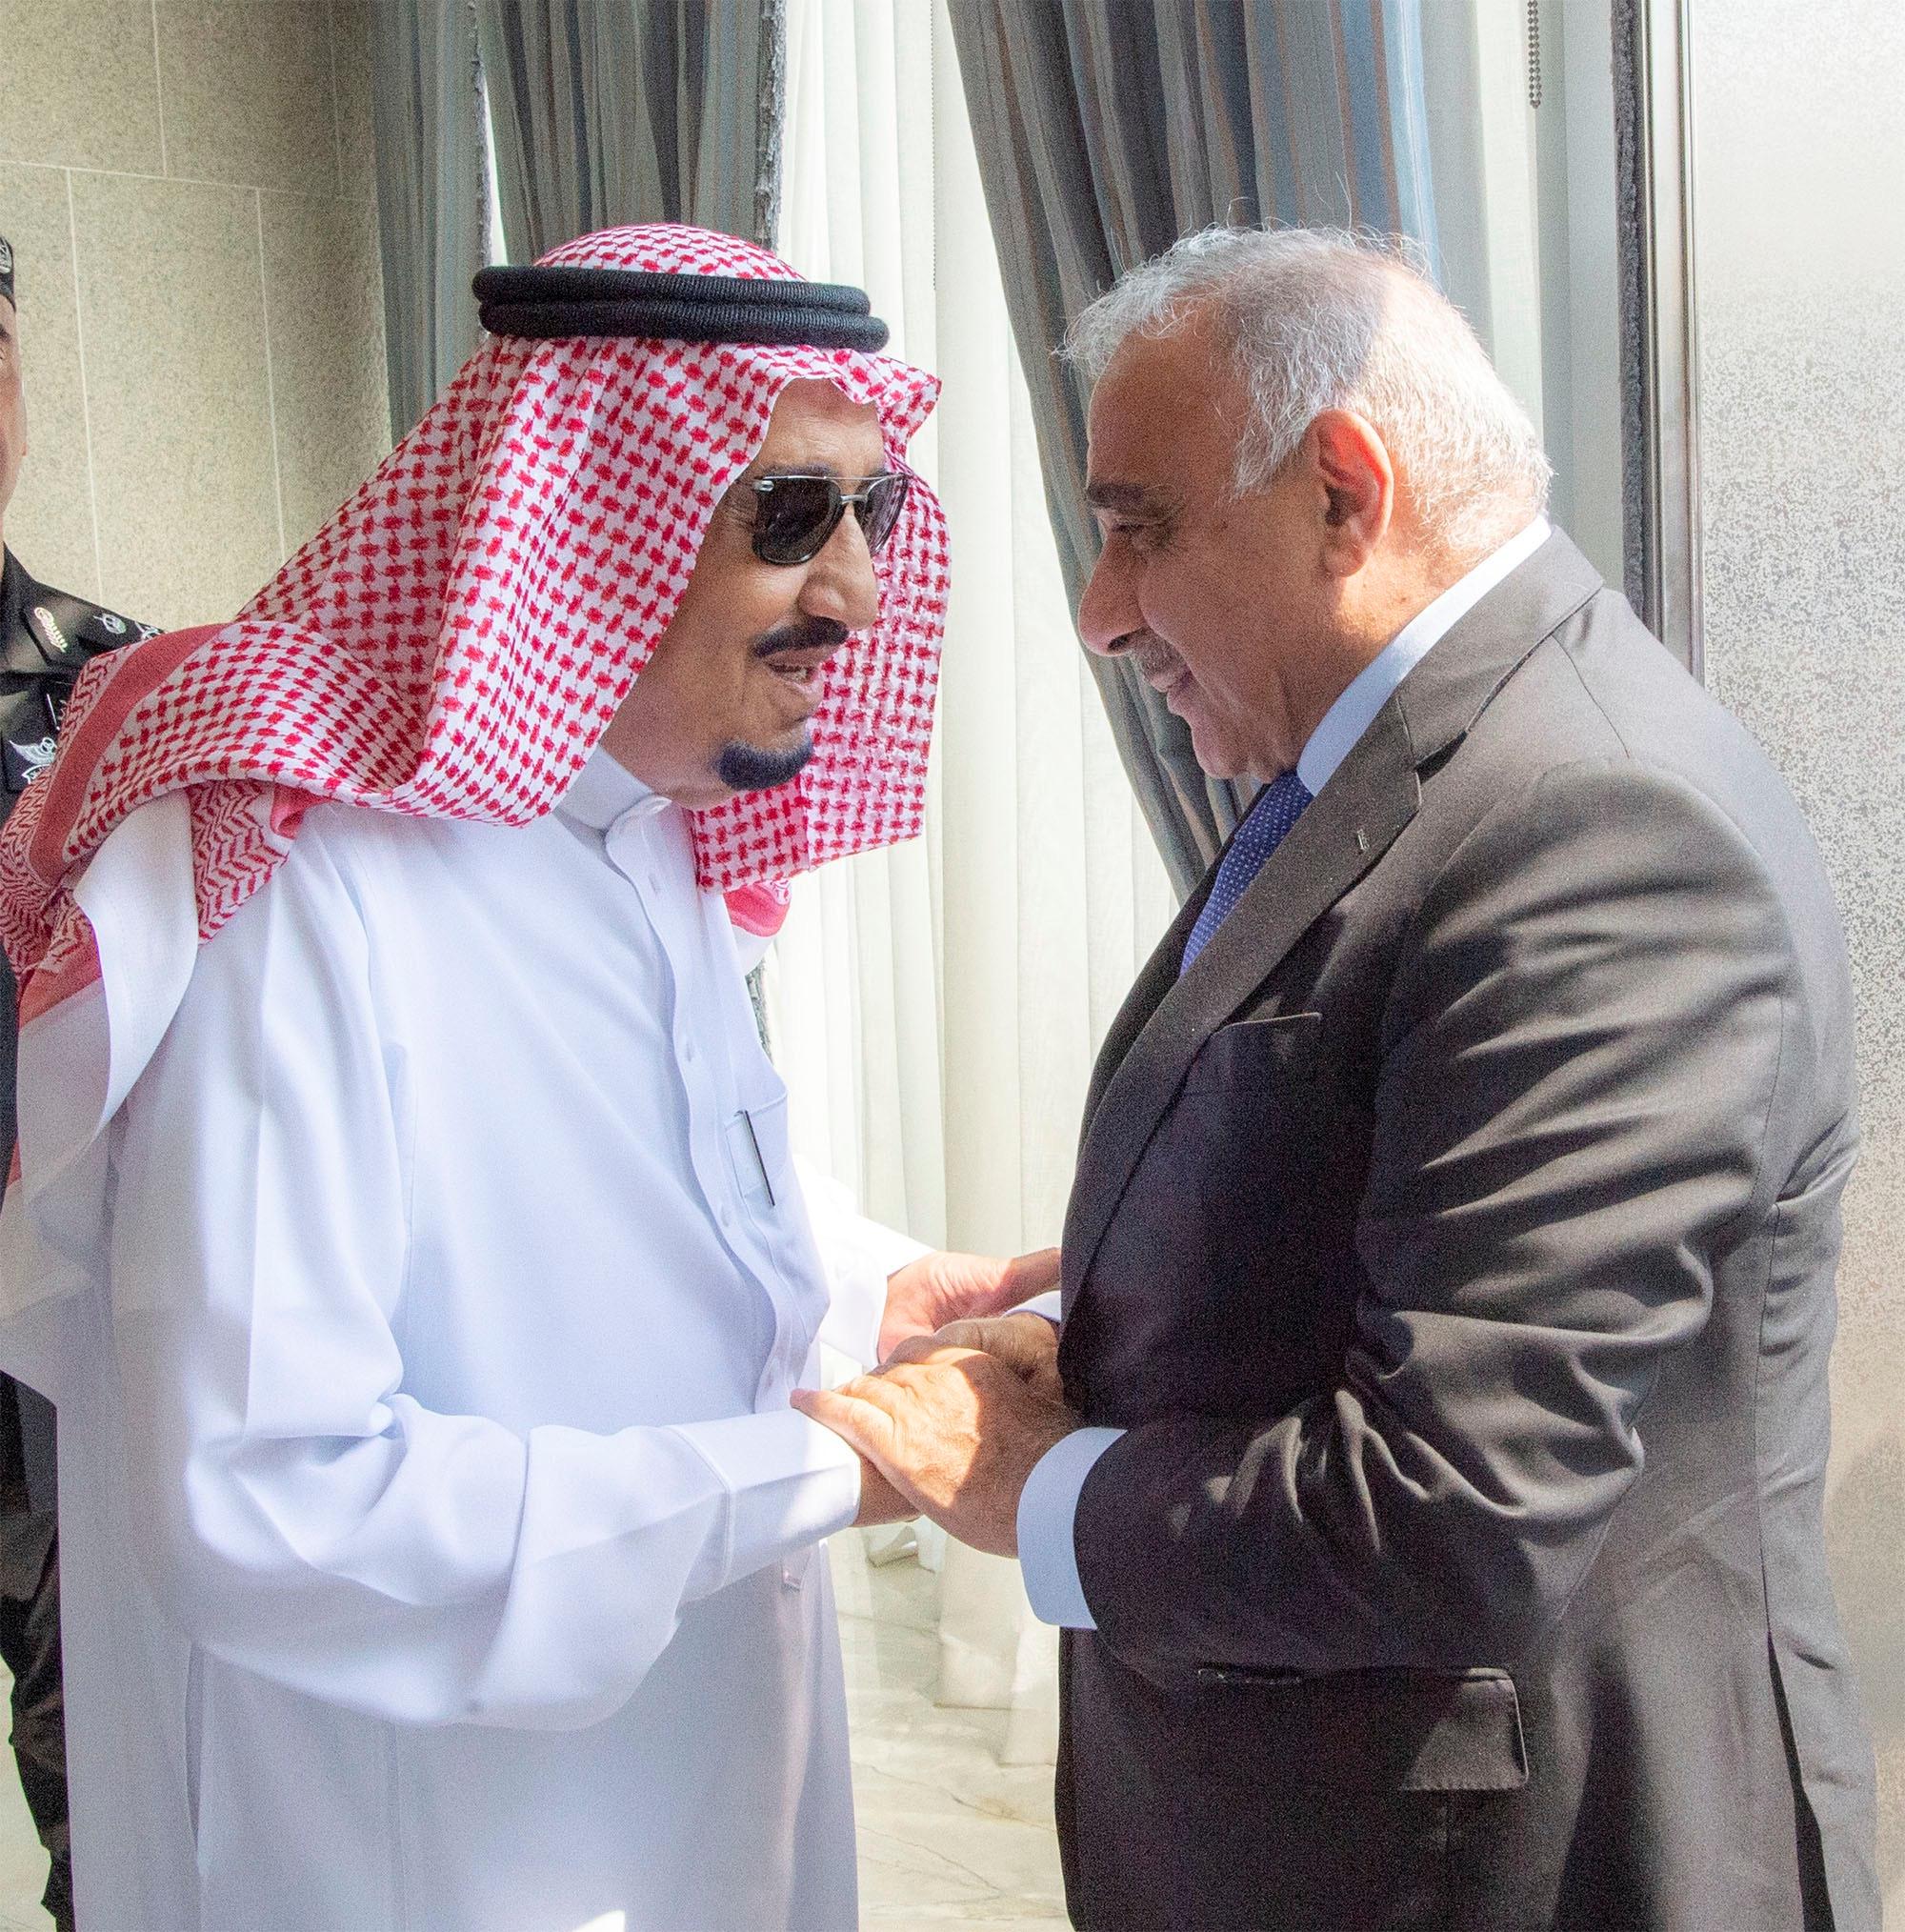 Θρίλερ με τον σωματοφύλακα του βασιλιά της Σαουδικής Αραβίας – Τον σκότωσε φίλος του